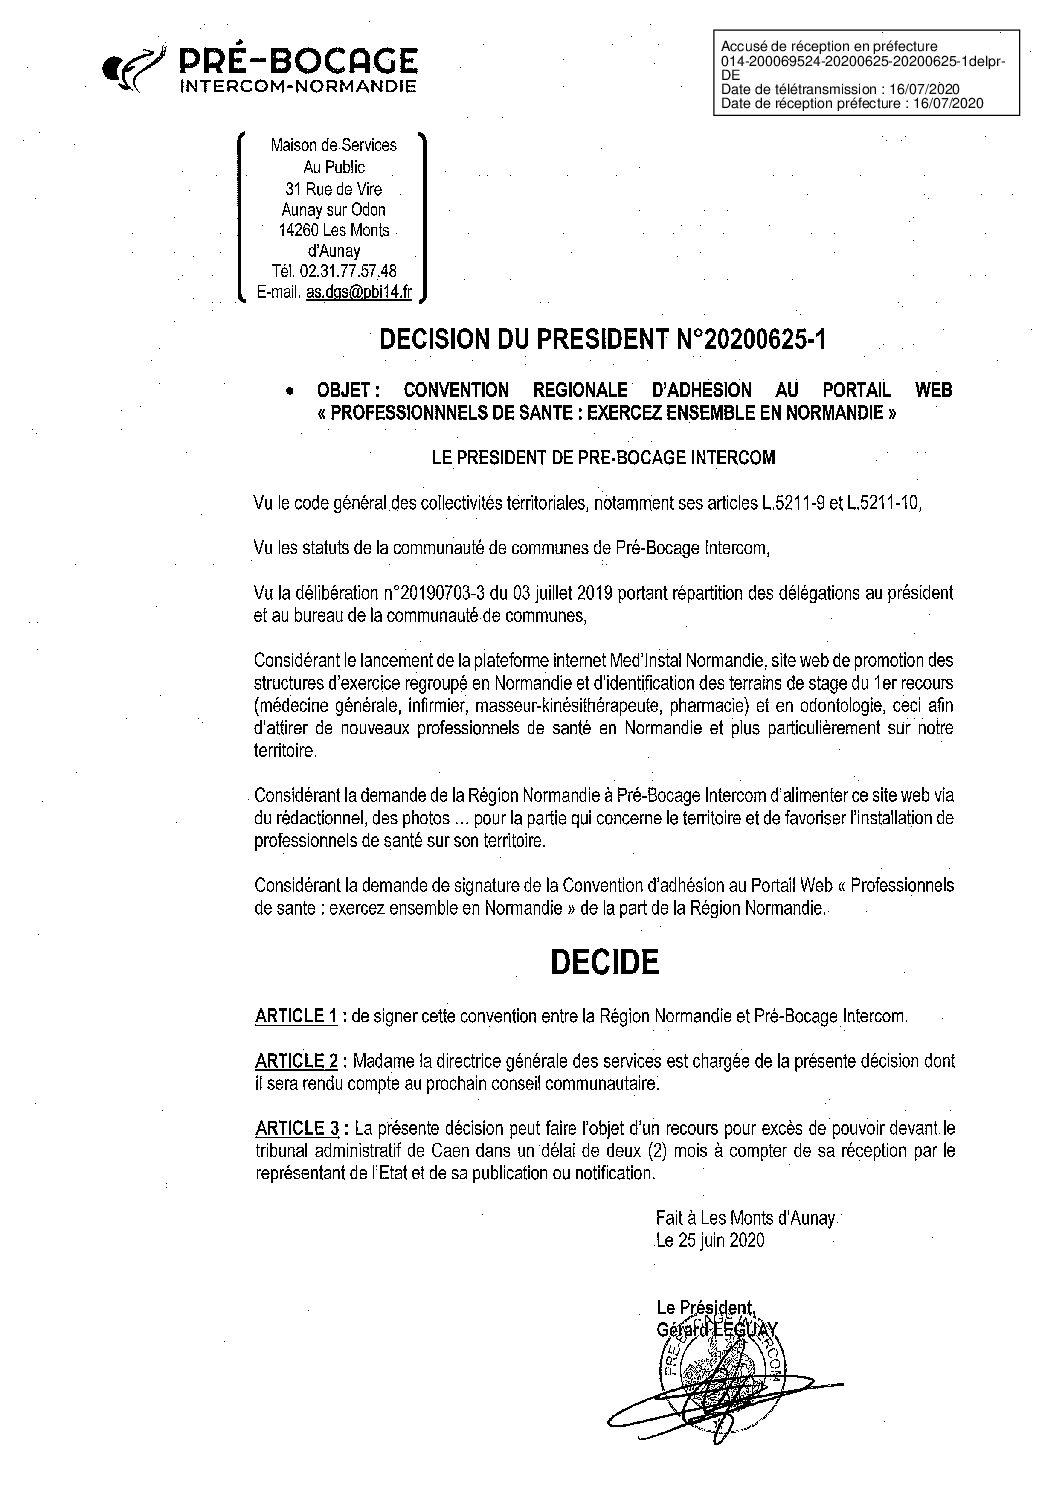 Décision déléguée du 25 juin 2020